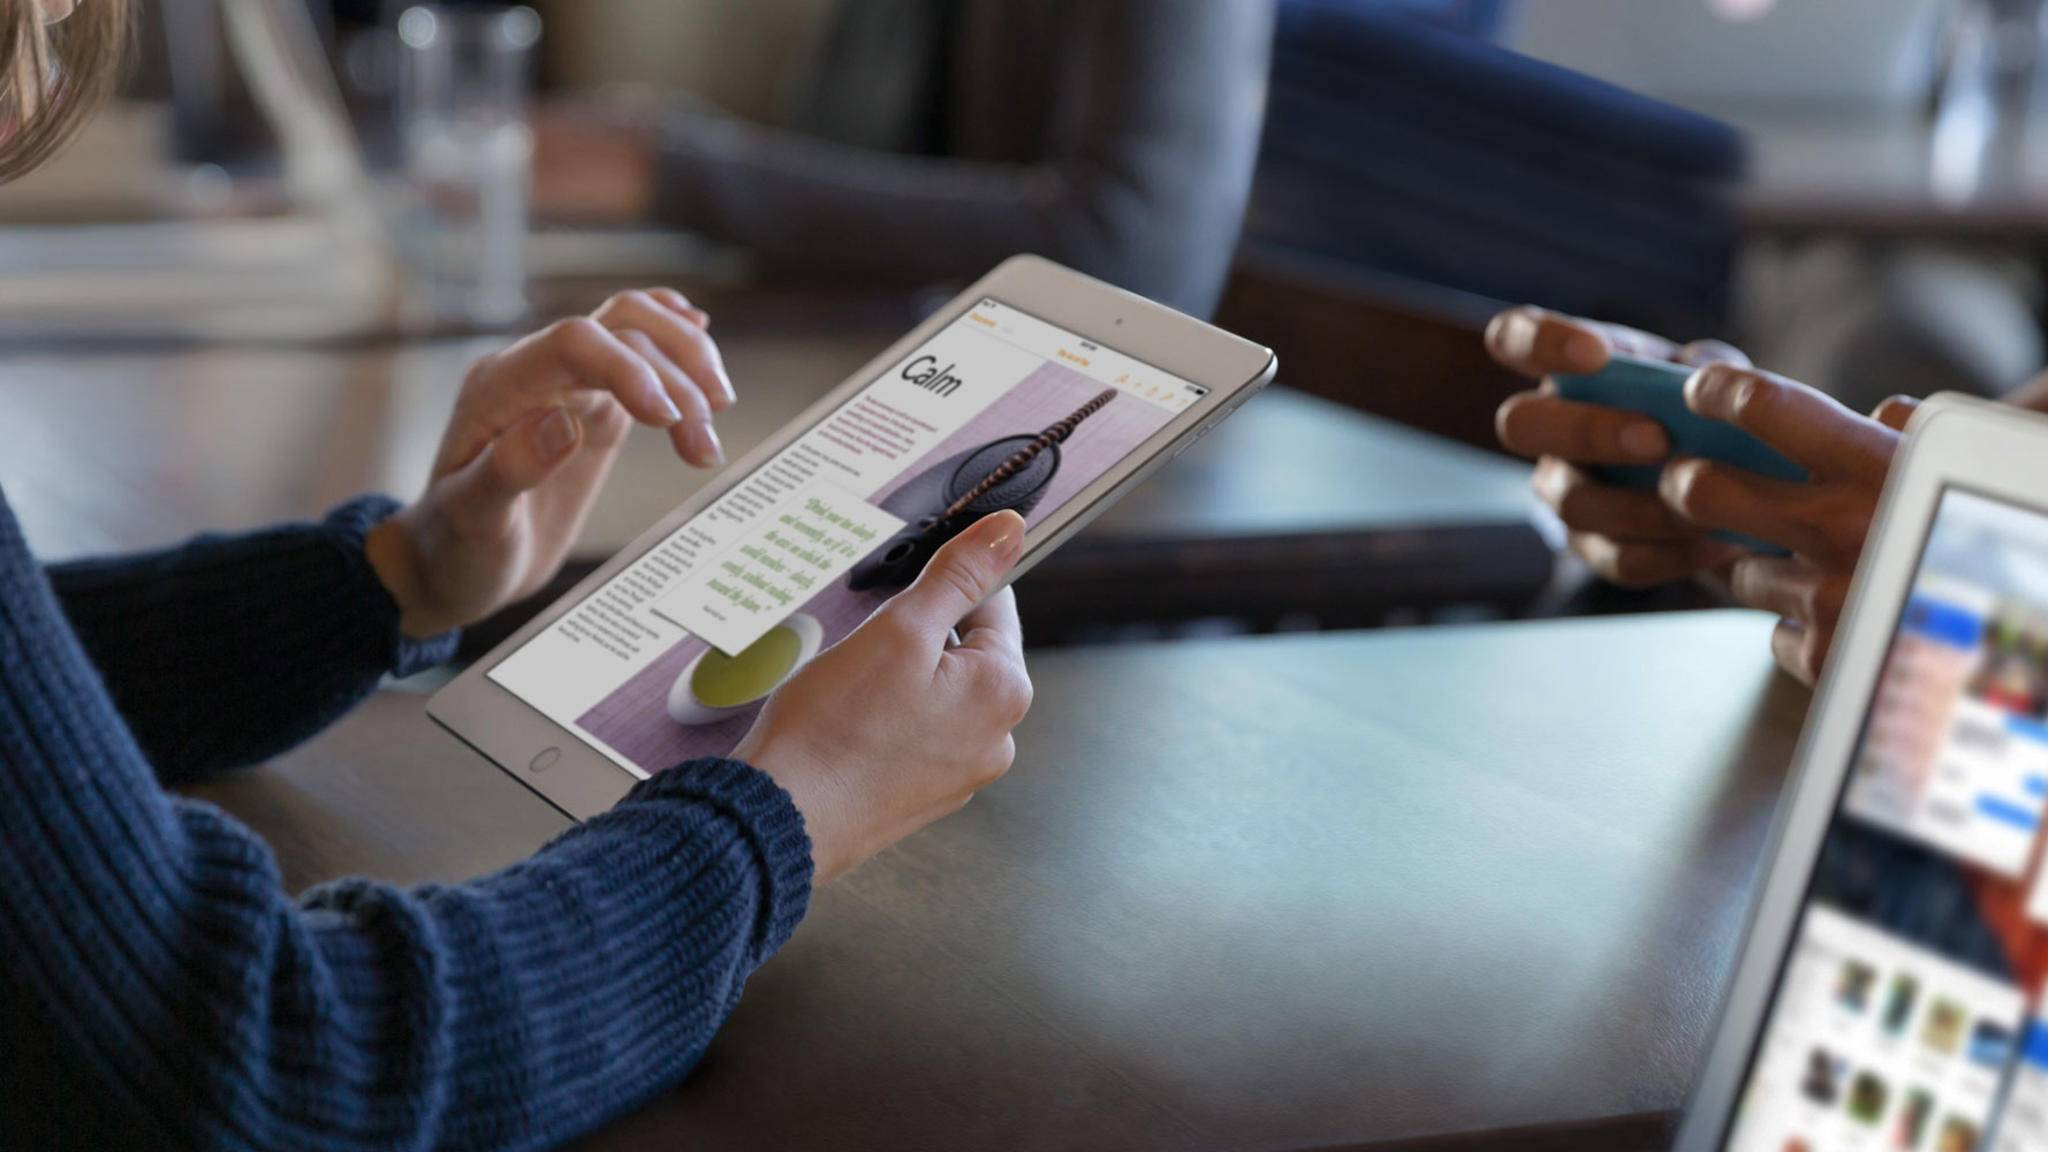 Dank der AirPrint-Funktion kann auch mit dem iPad ganz einfach gedruckt werden.